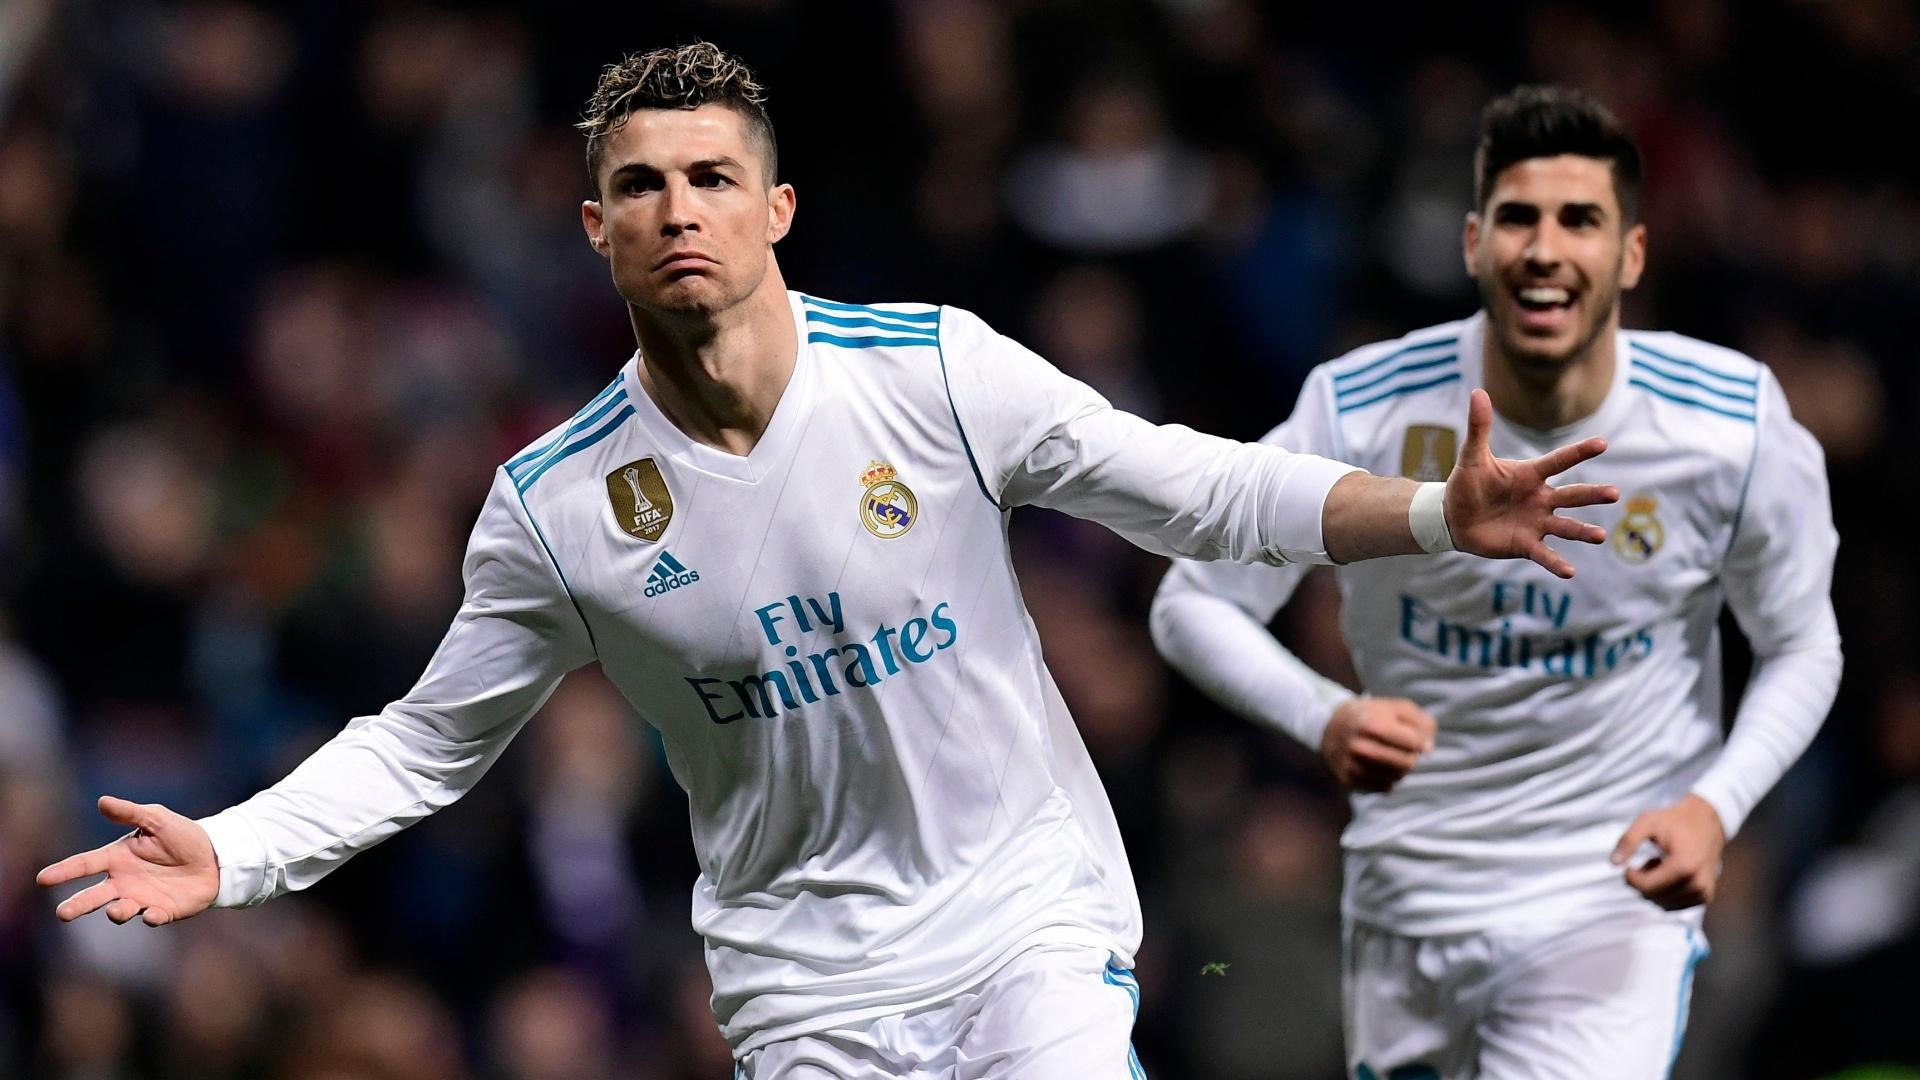 Cristiano Ronaldo comemora gol do Real sobre o Girona